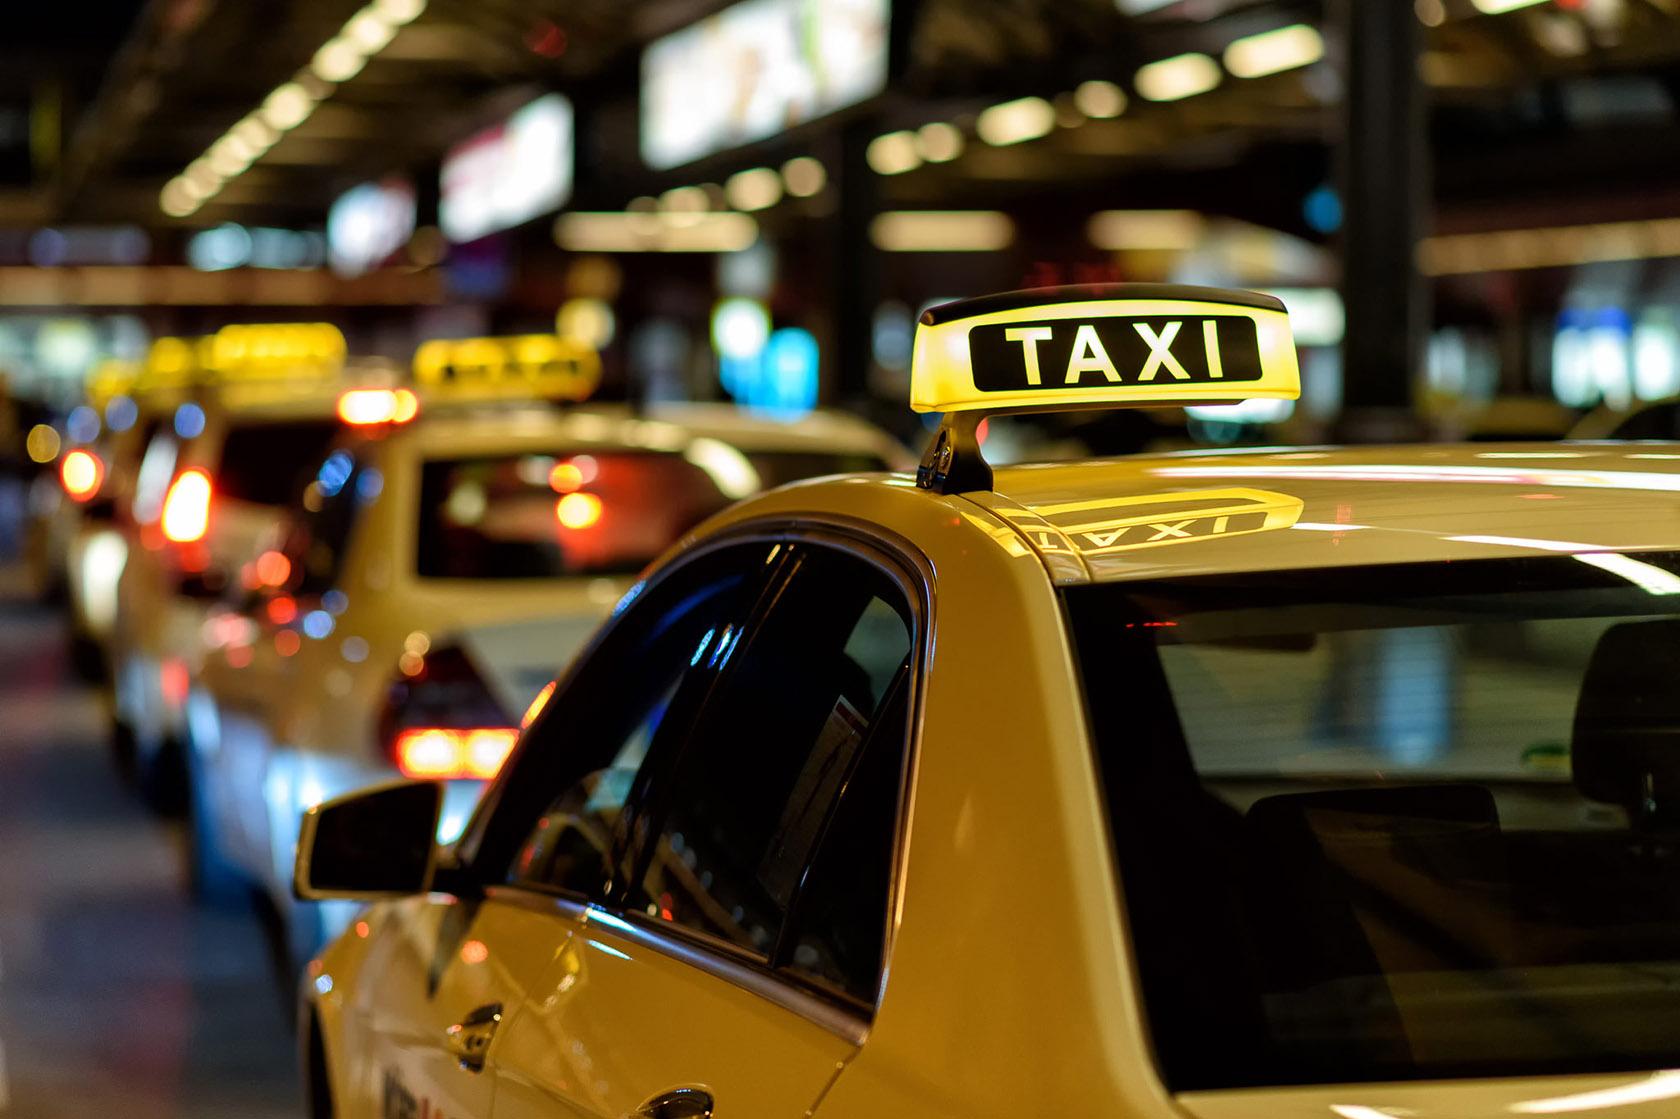 картинка на сайт такси для раскроя стали